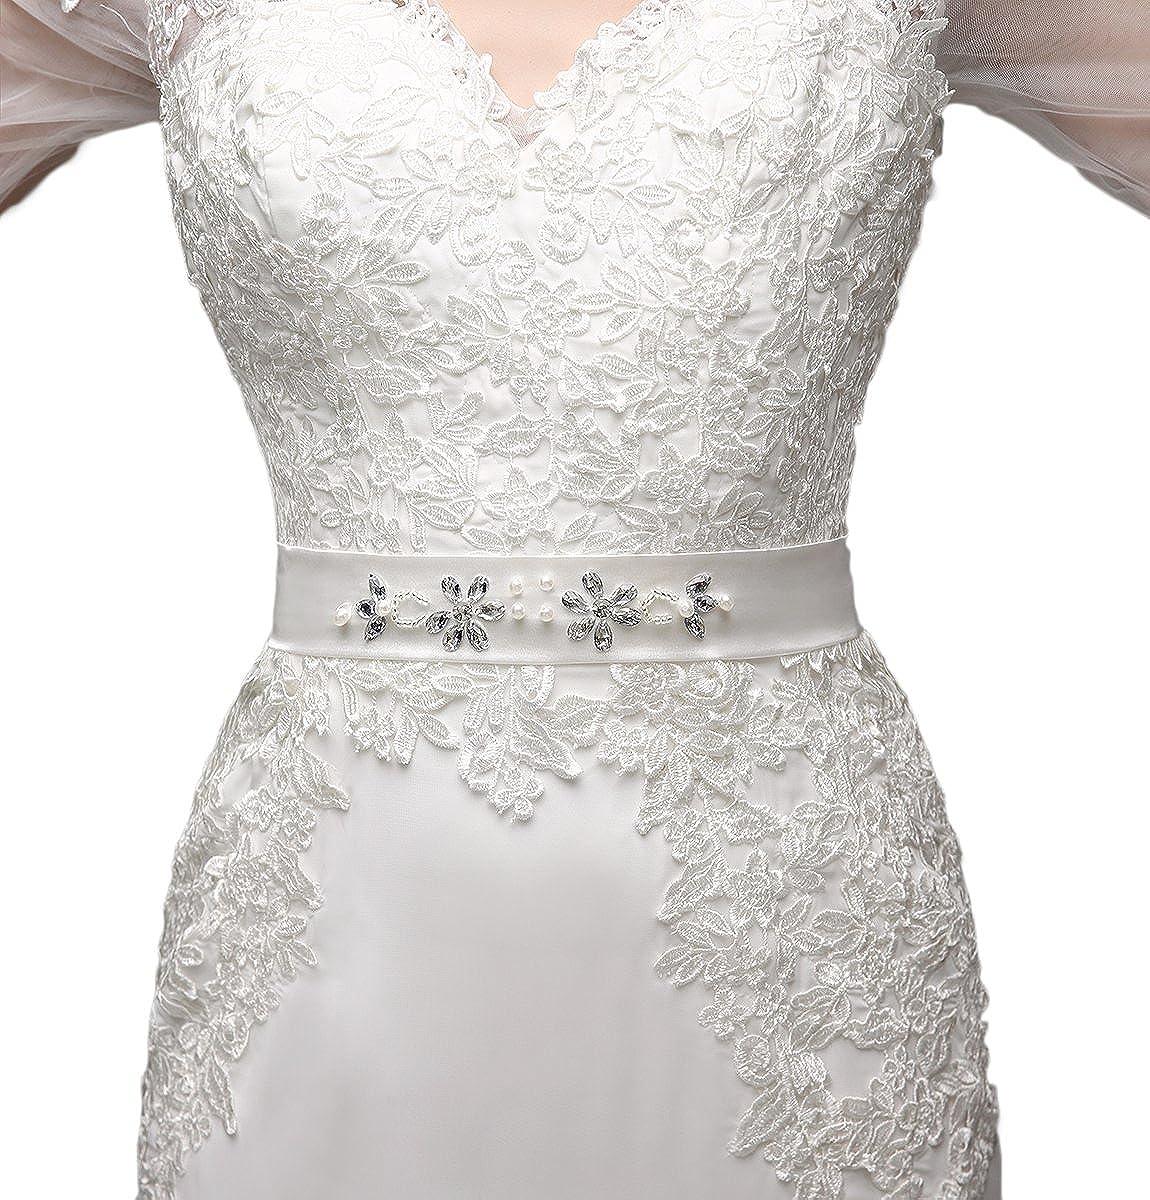 Engerla - Vestido de novia de boda, tipo sirena, cuello en V, manga 3/4, encaje, con aplique: Amazon.es: Ropa y accesorios